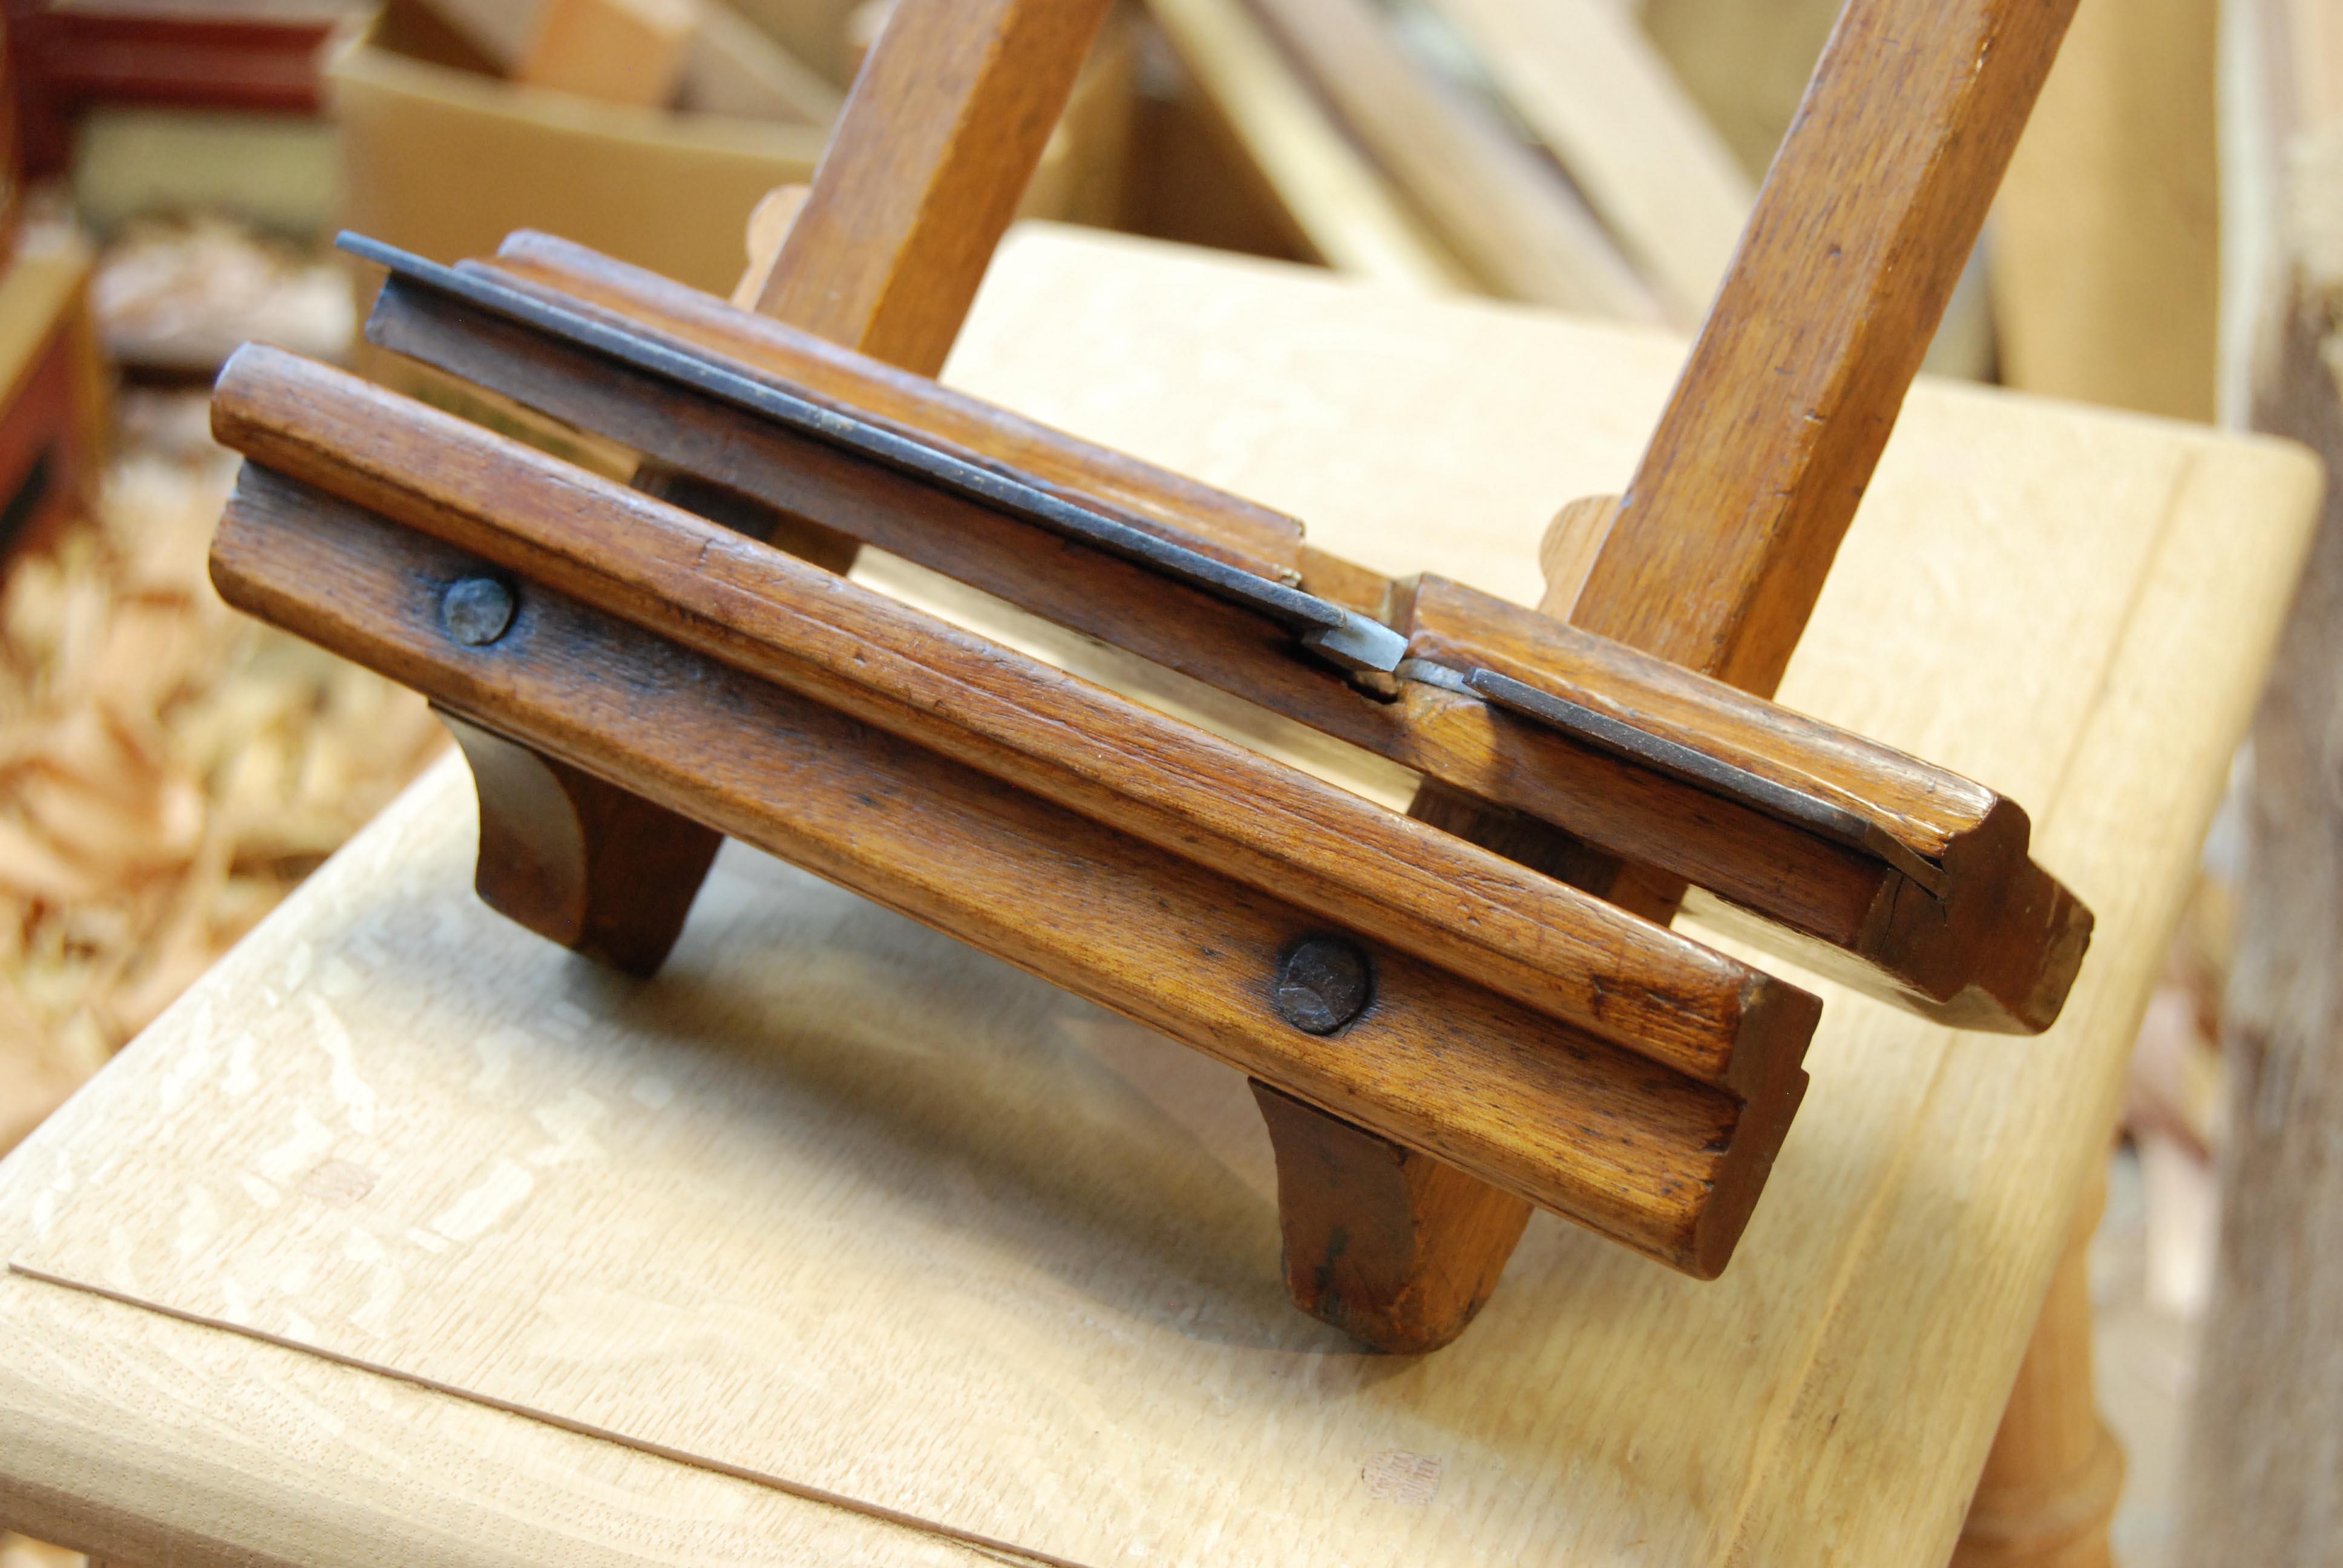 Lovely Tools For Making Log Furniture #8: Rockler Log Furniture Tools,Cabinet Making Classes,Bunk Bed Slide Diy,Plans For Wooden Doll House - Test Out